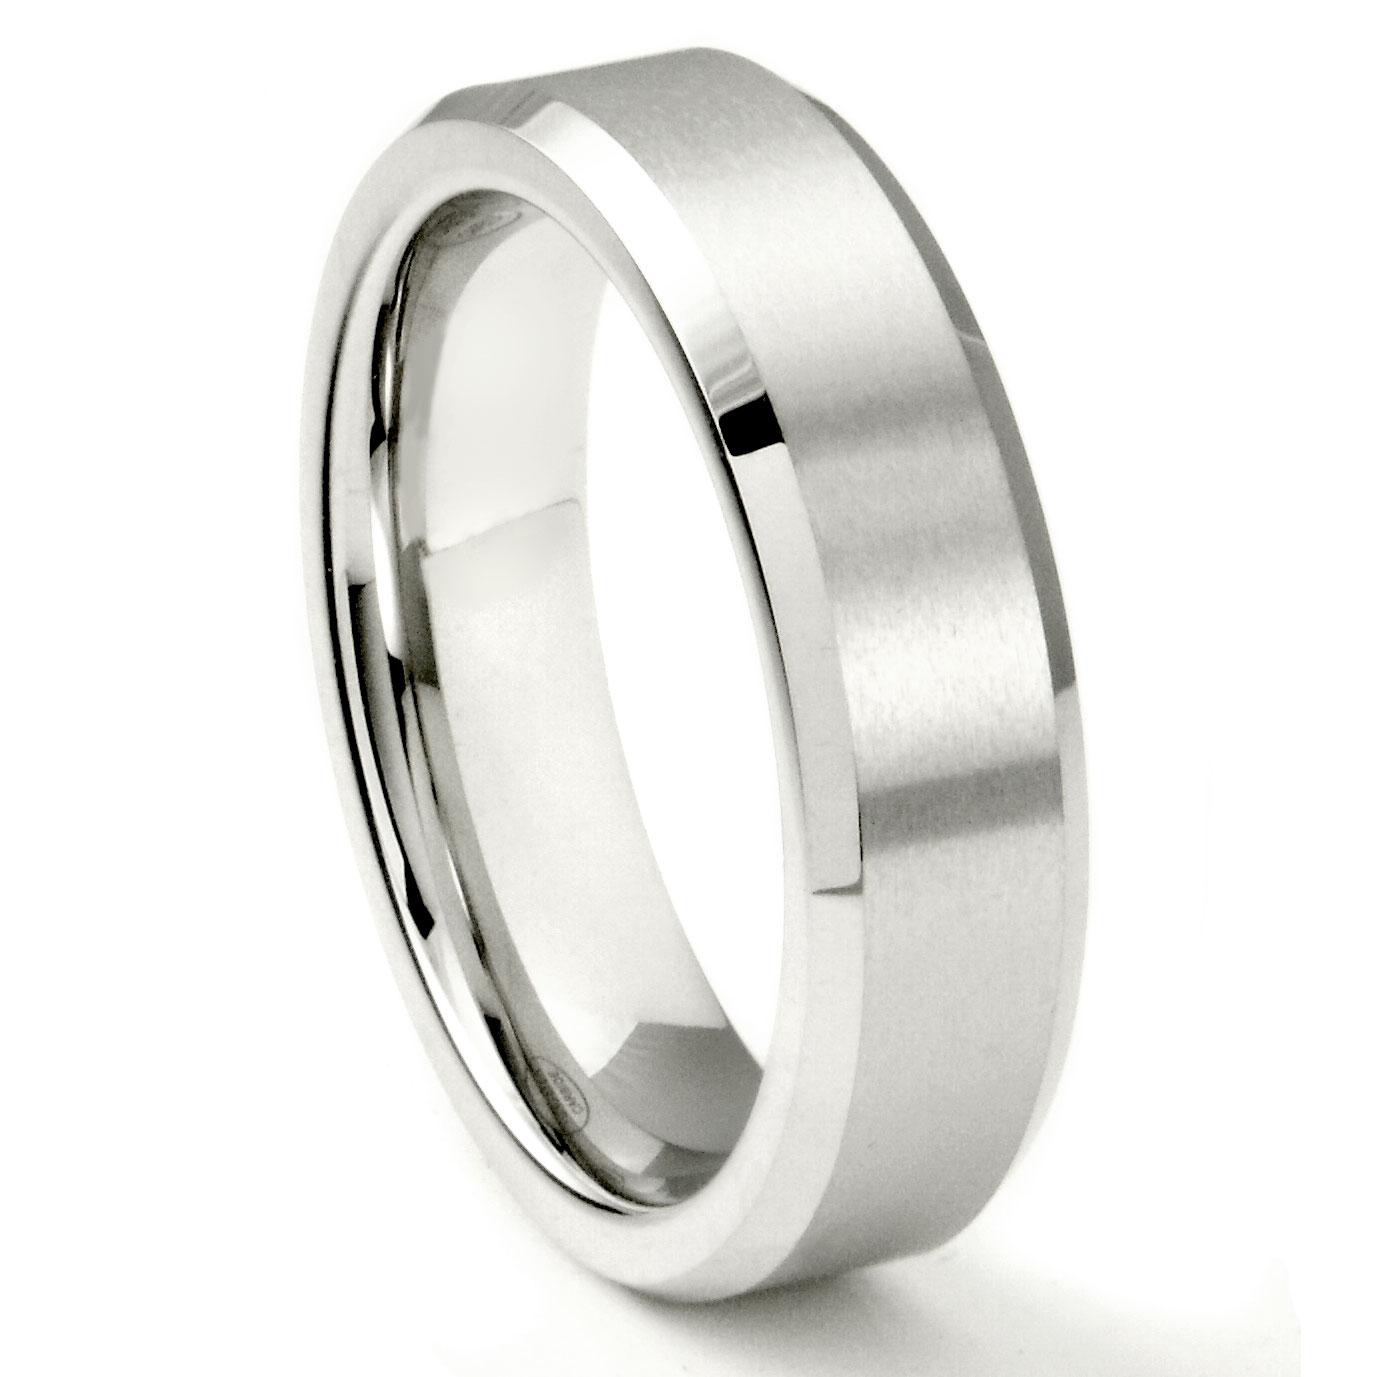 luxury image of white tungsten wedding bands